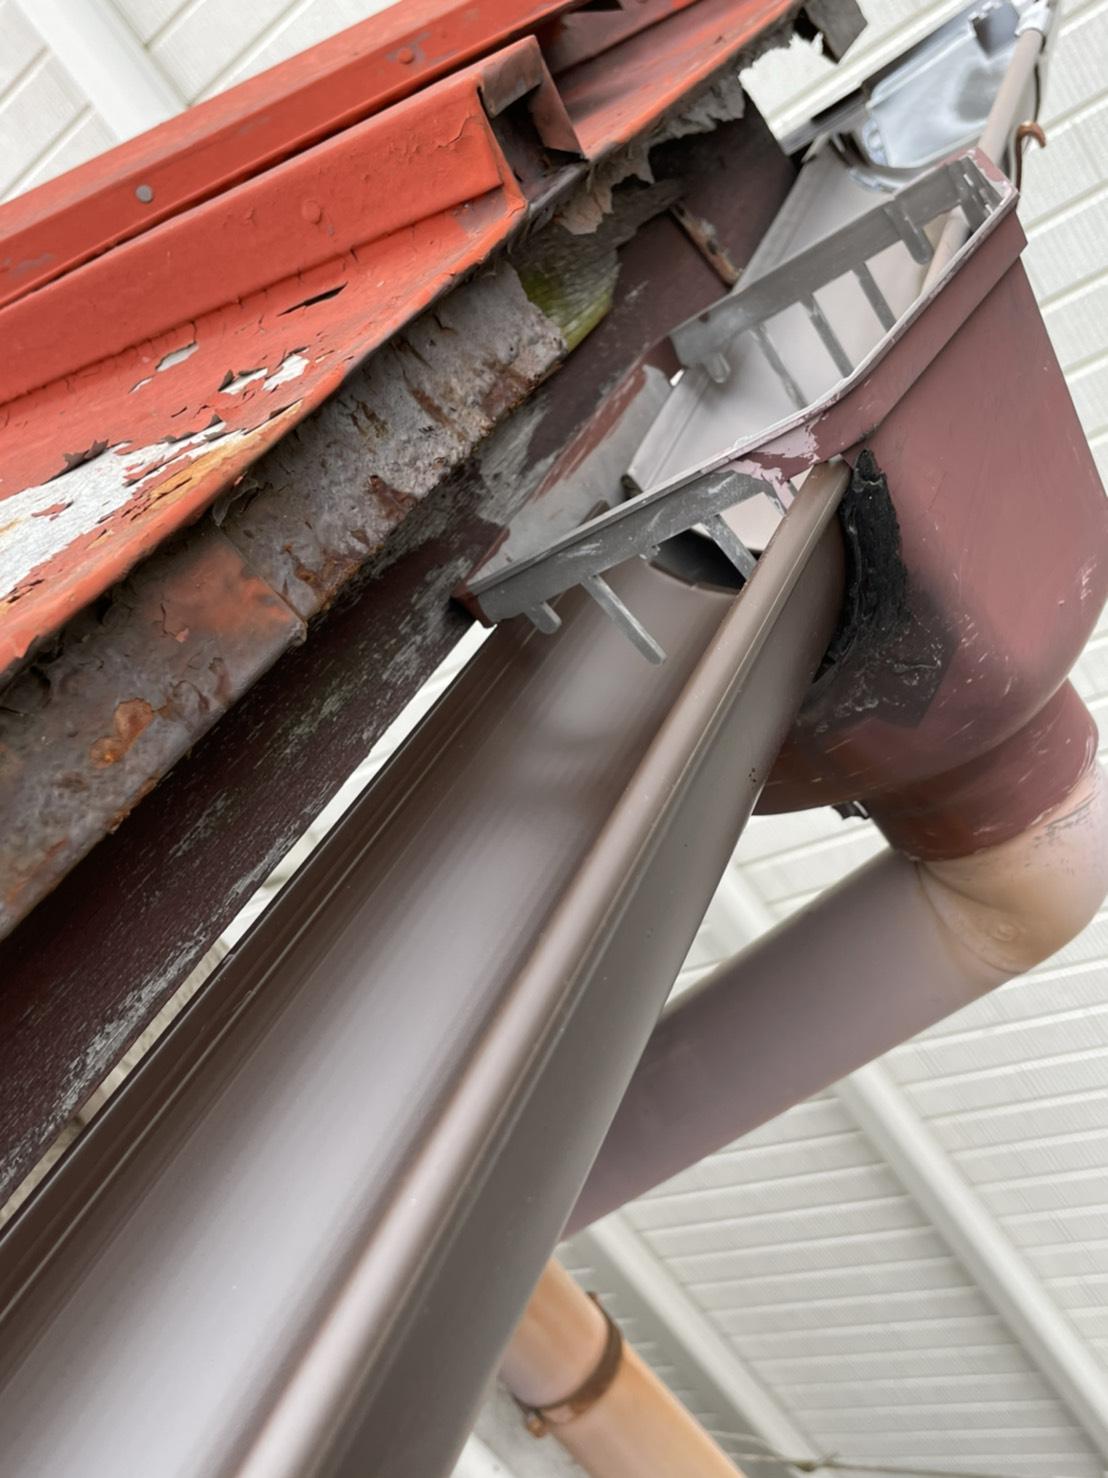 神戸市須磨区での雨樋修理で新しい雨樋を集水器に繋いだ様子